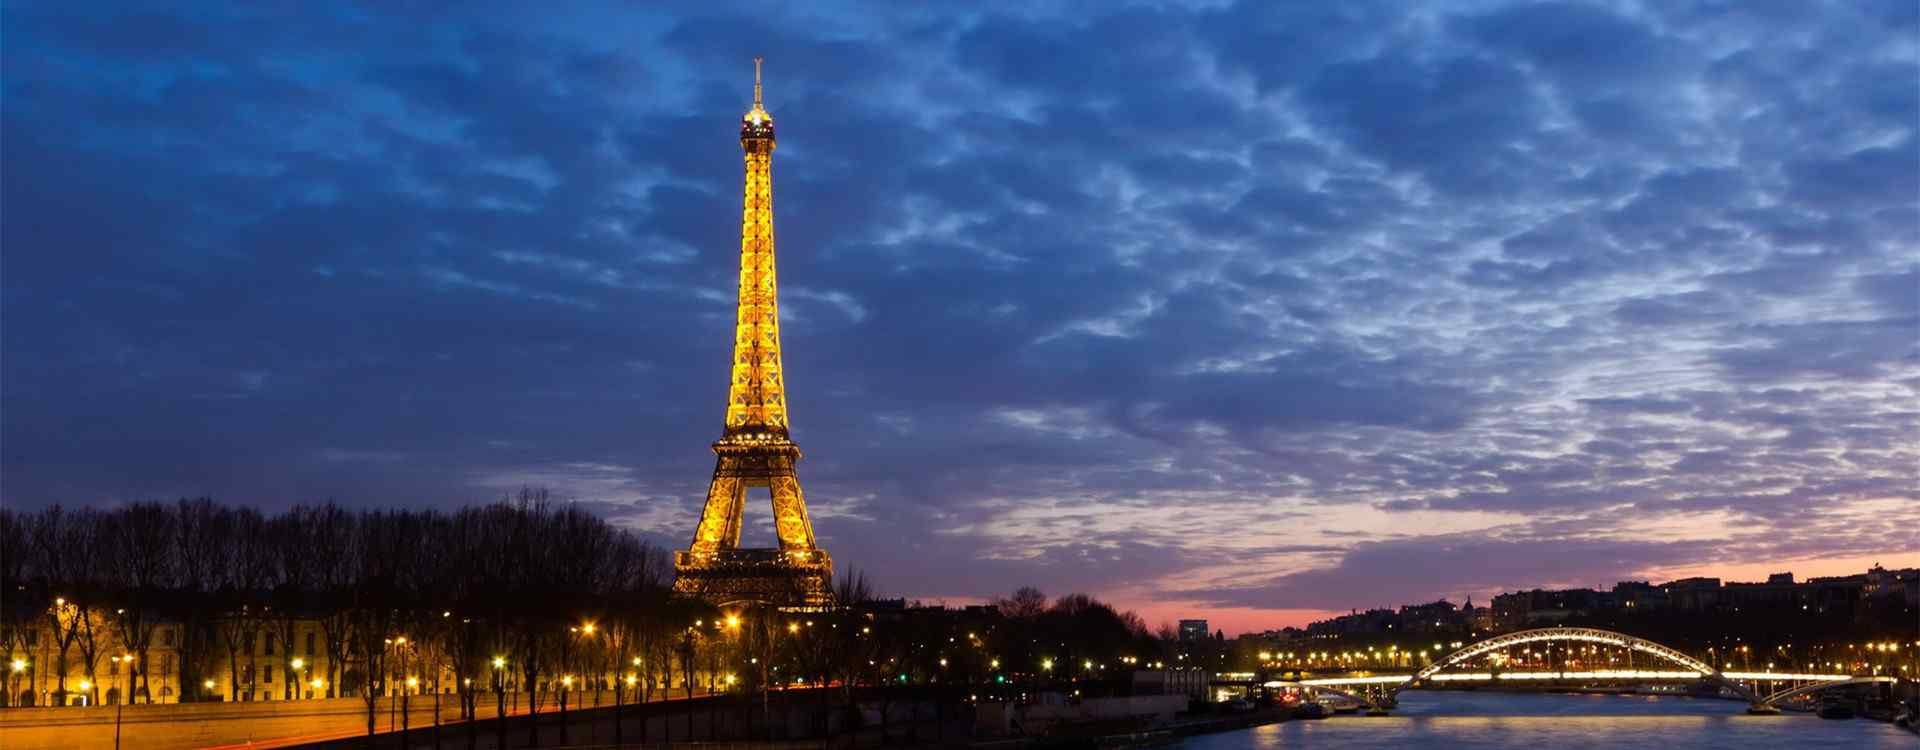 法国_法国古堡_法国首都_法国城市风景_法国巴黎_法国风景壁纸